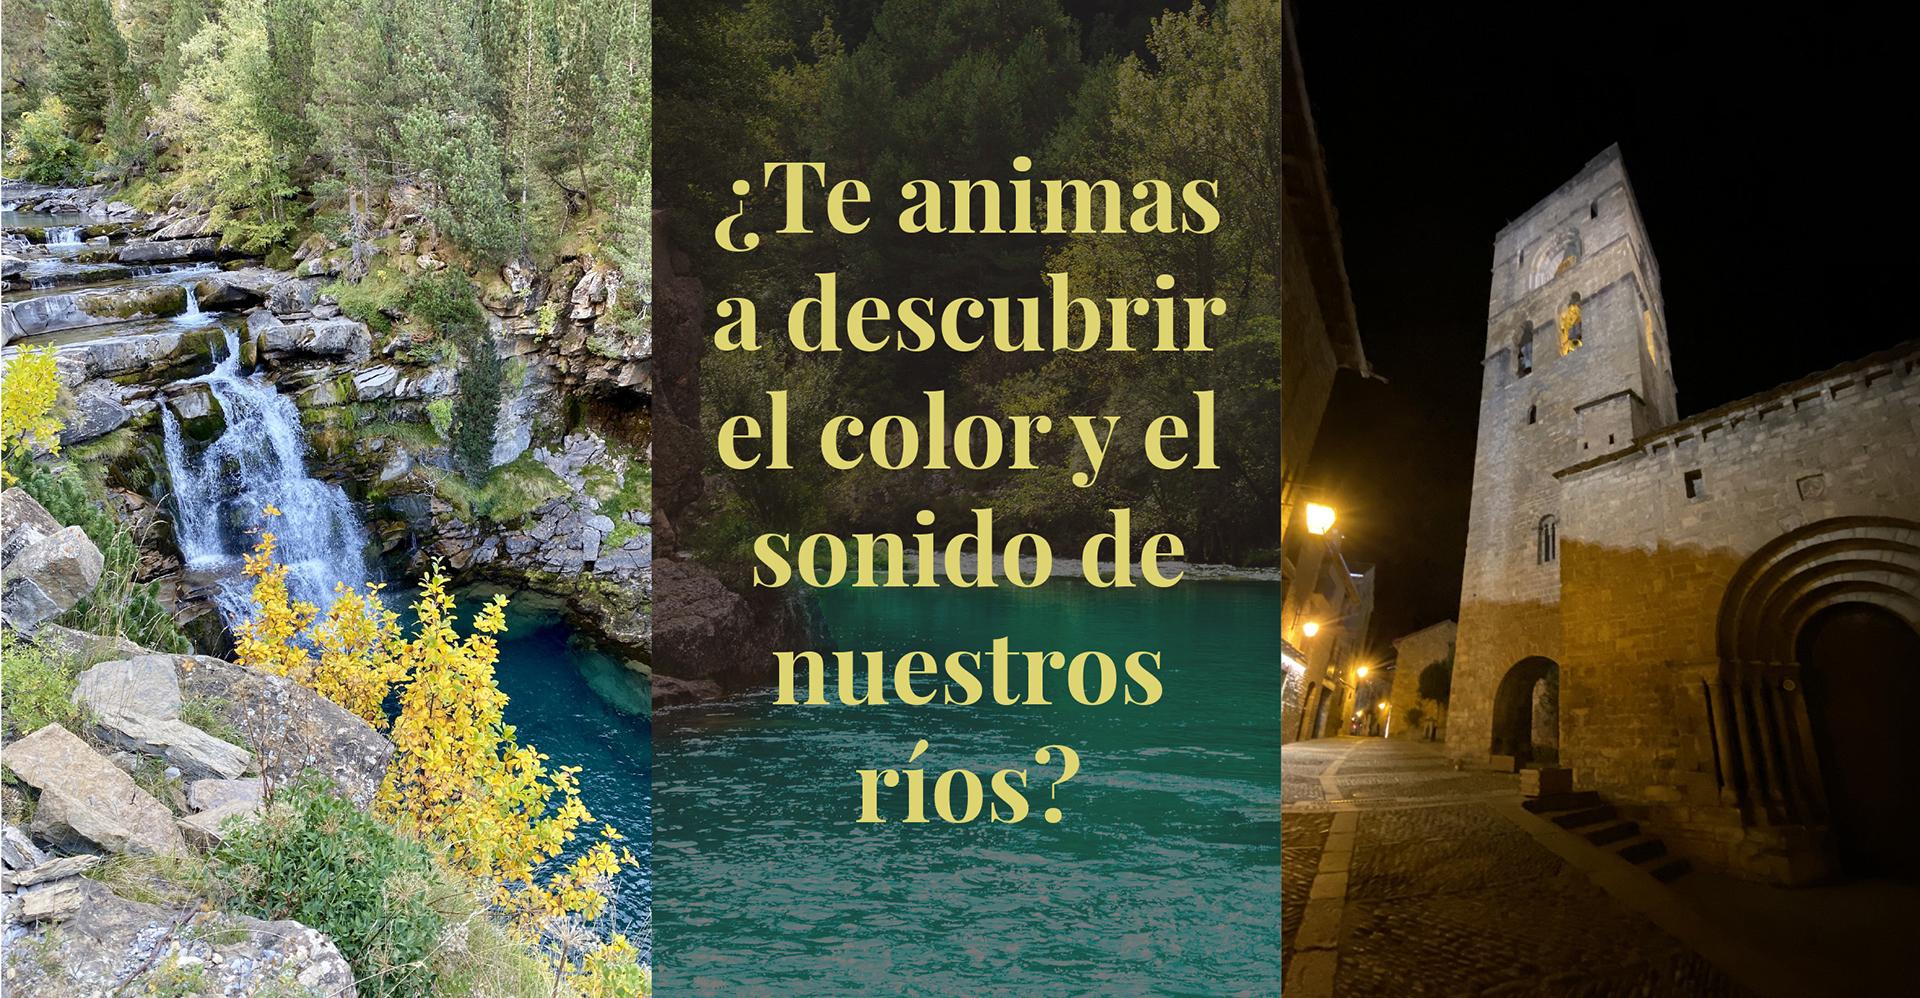 conoce nuestros rios